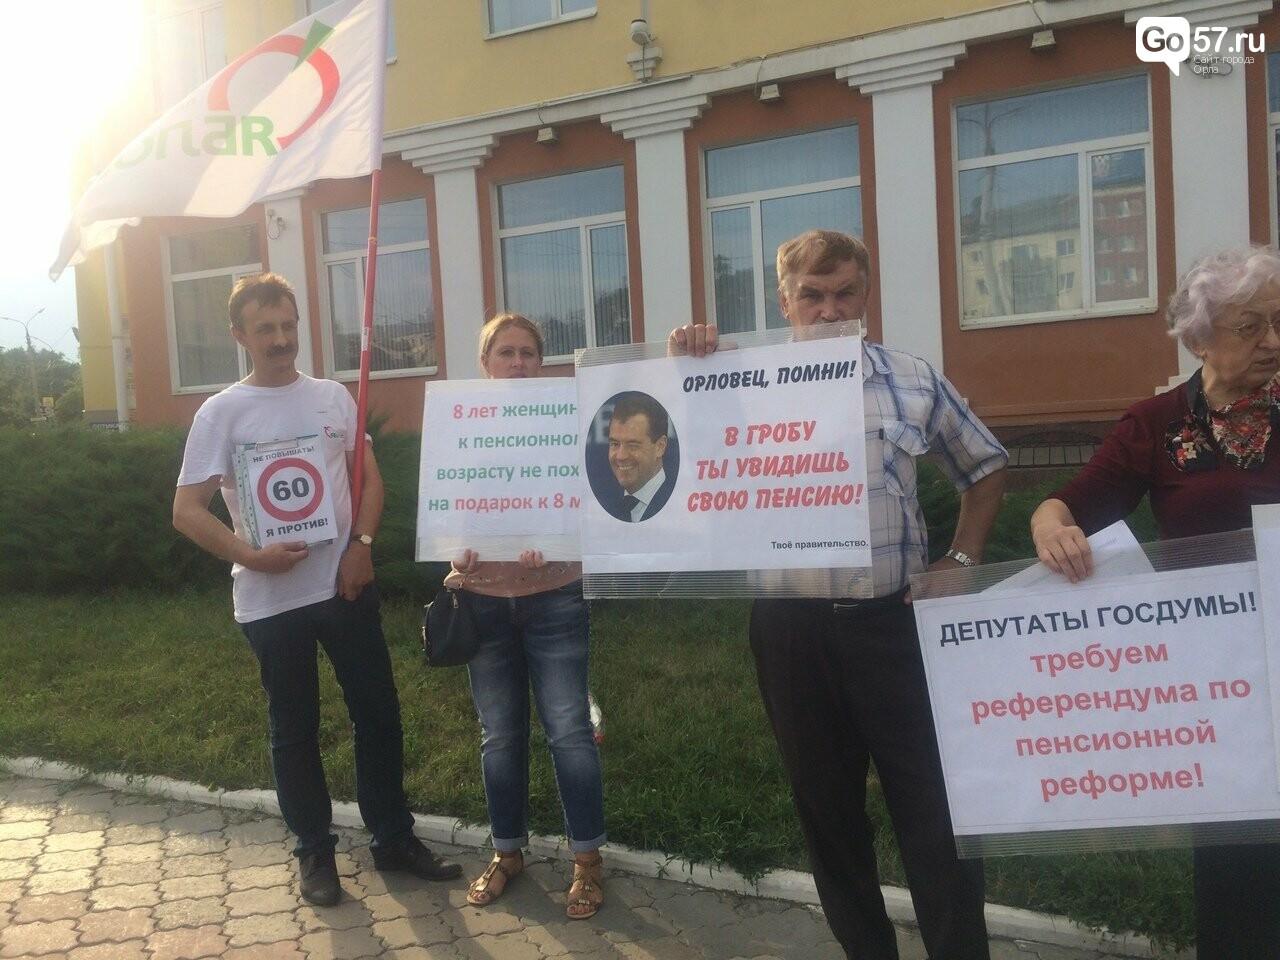 Орловцы продолжают выступать против повышения пенсионного возраста, фото-2